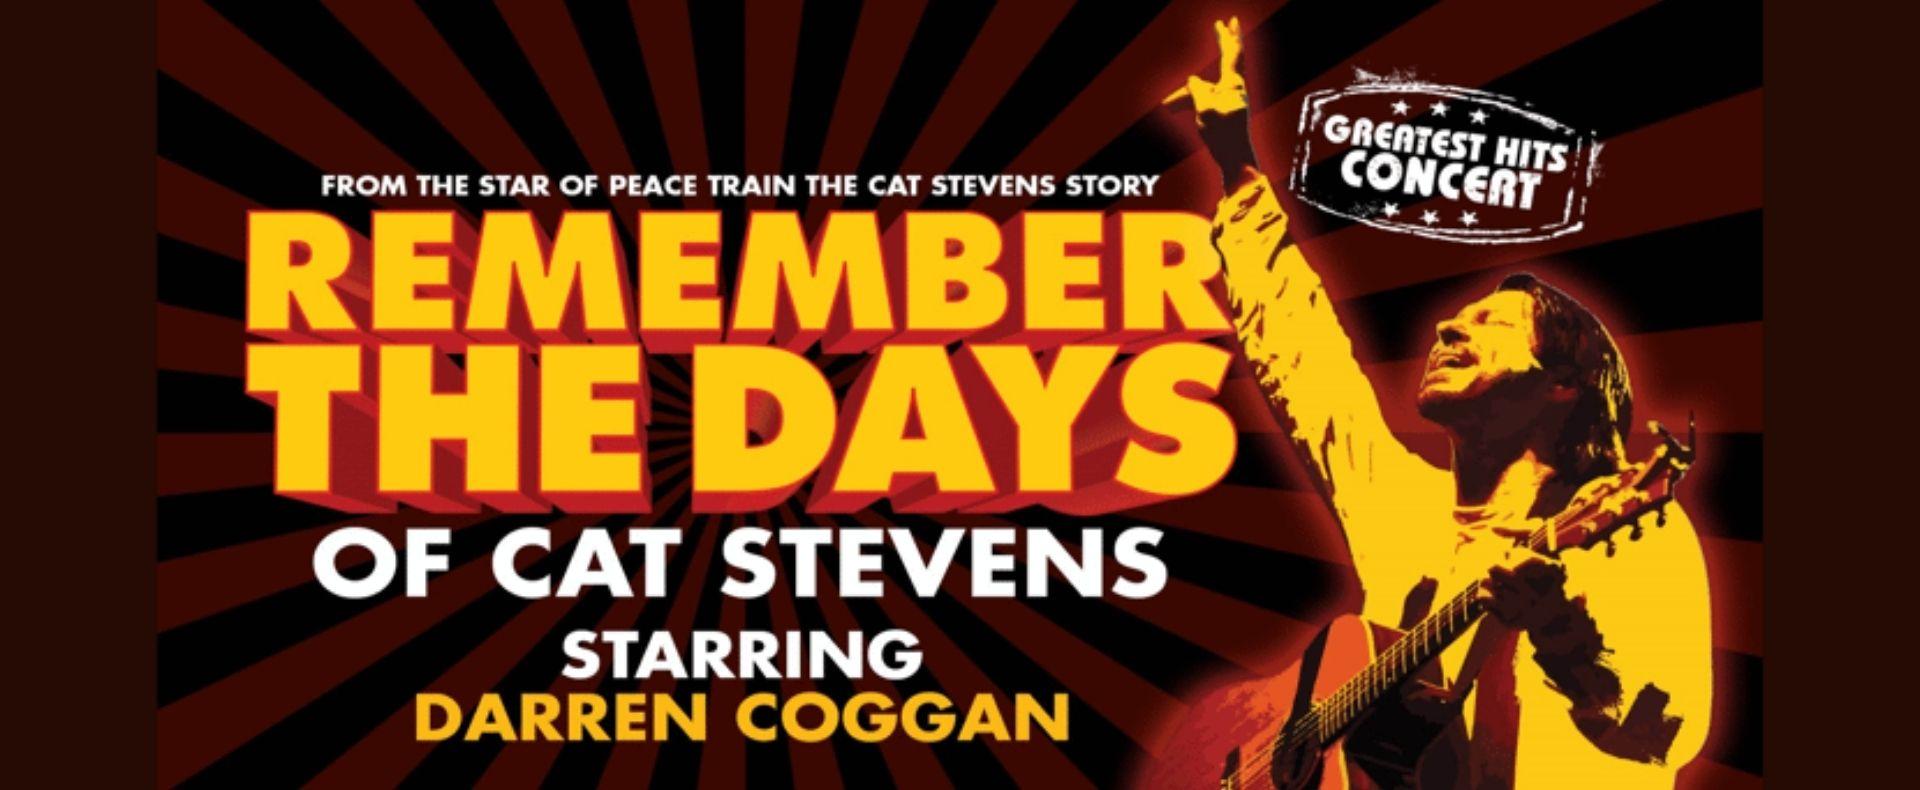 Remember the Days of Cat Stevens